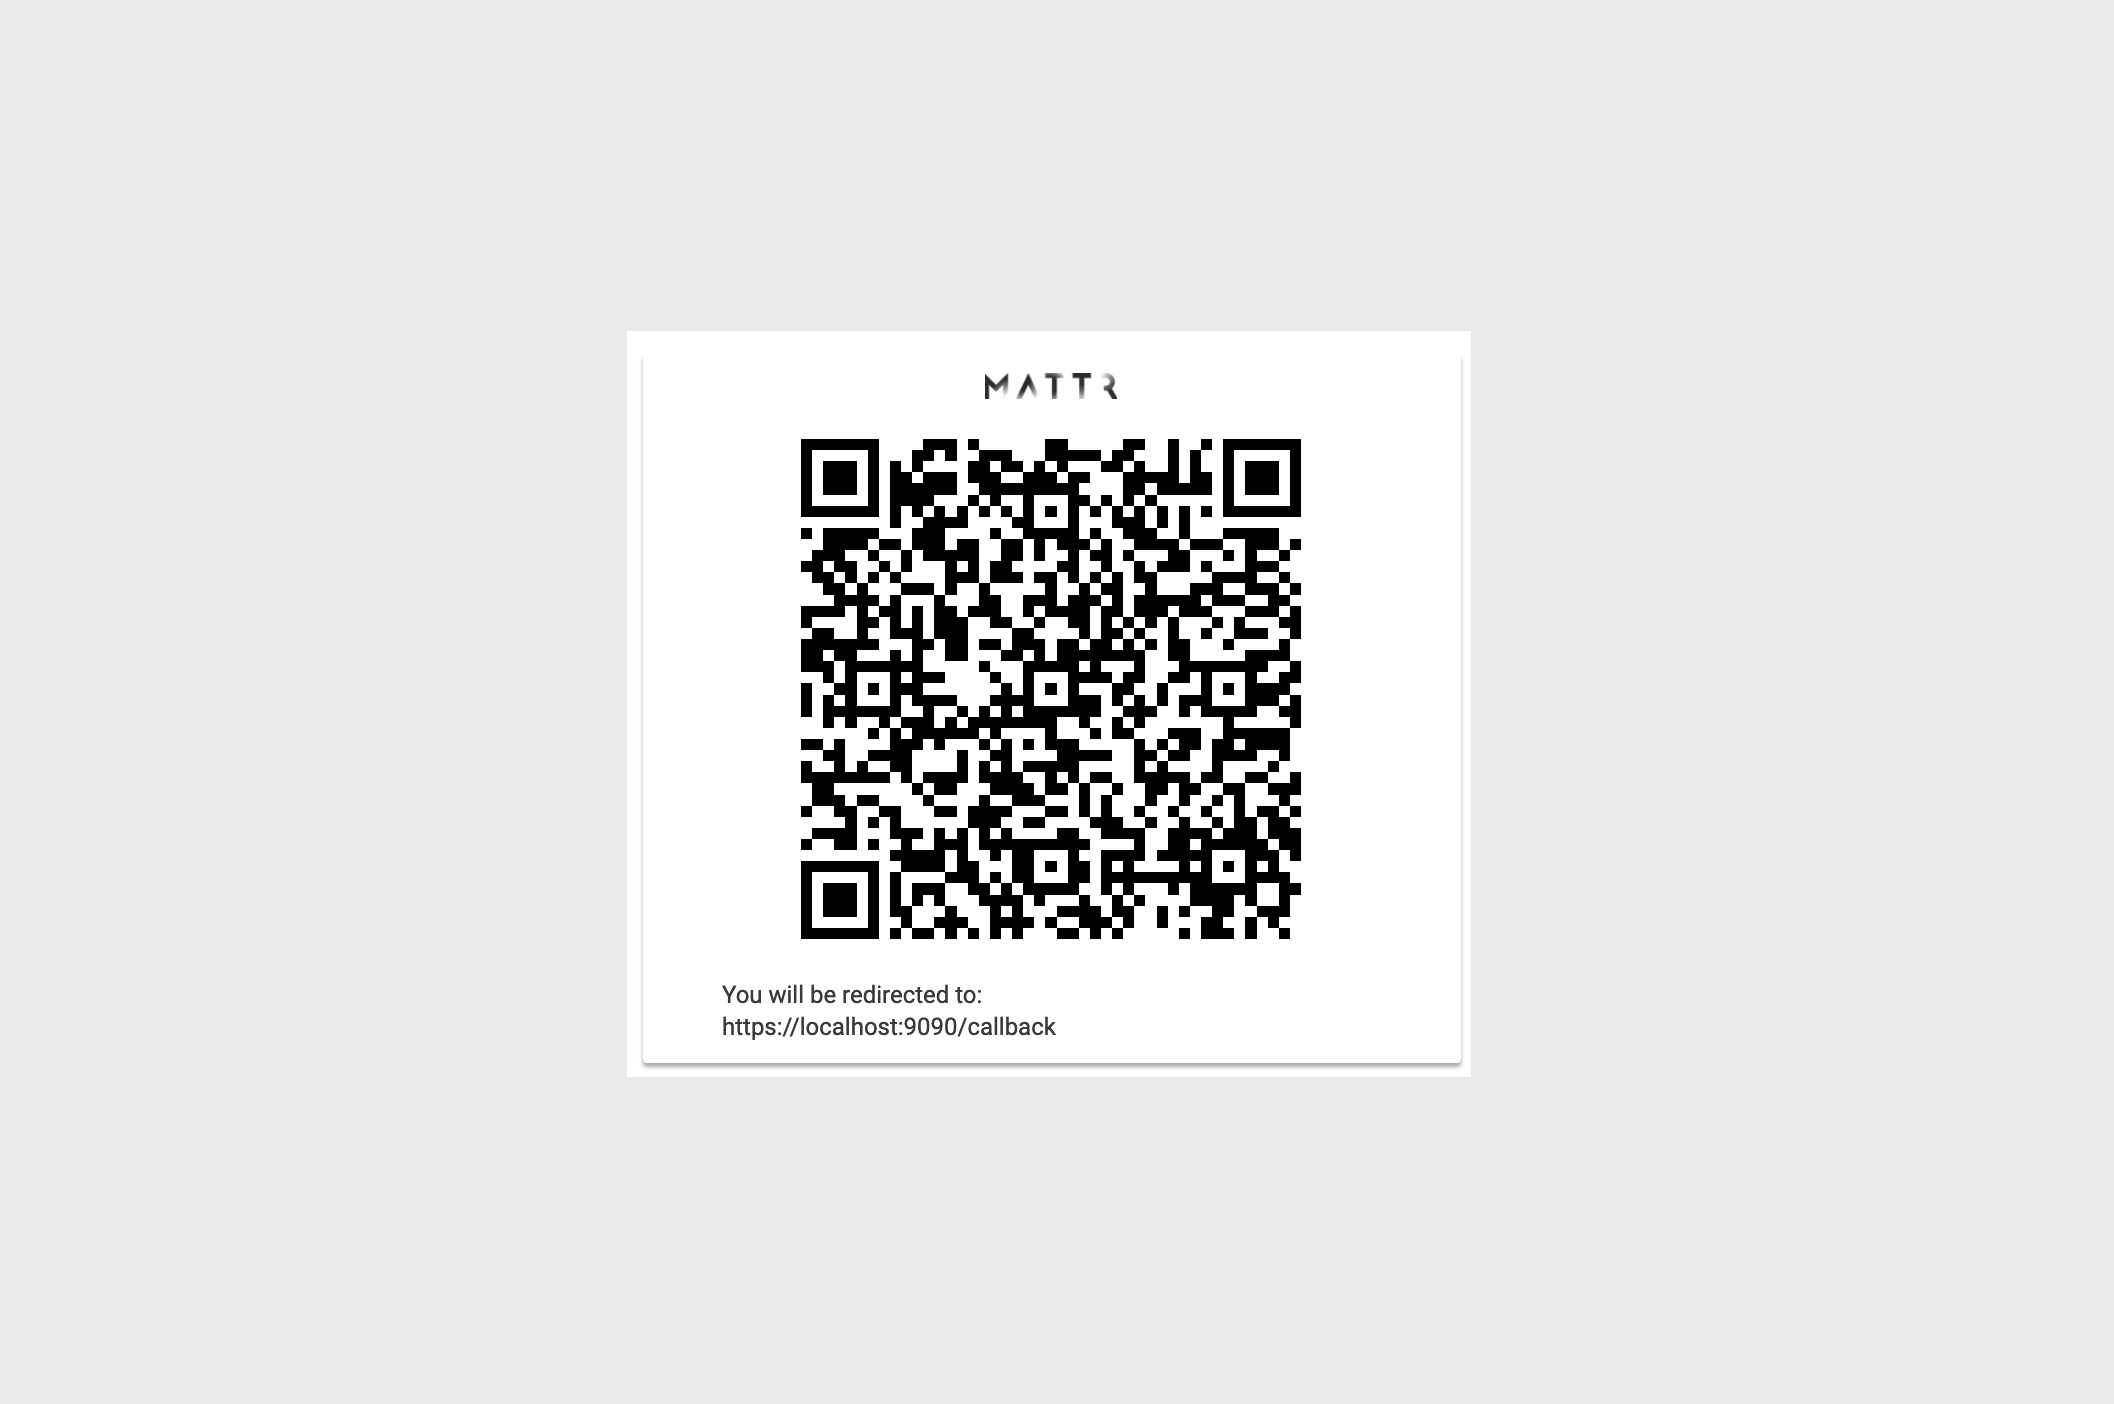 https://www.datocms-assets.com/38428/1628127346-1627947081-verify-setup-client-qr-demo.png?auto=format